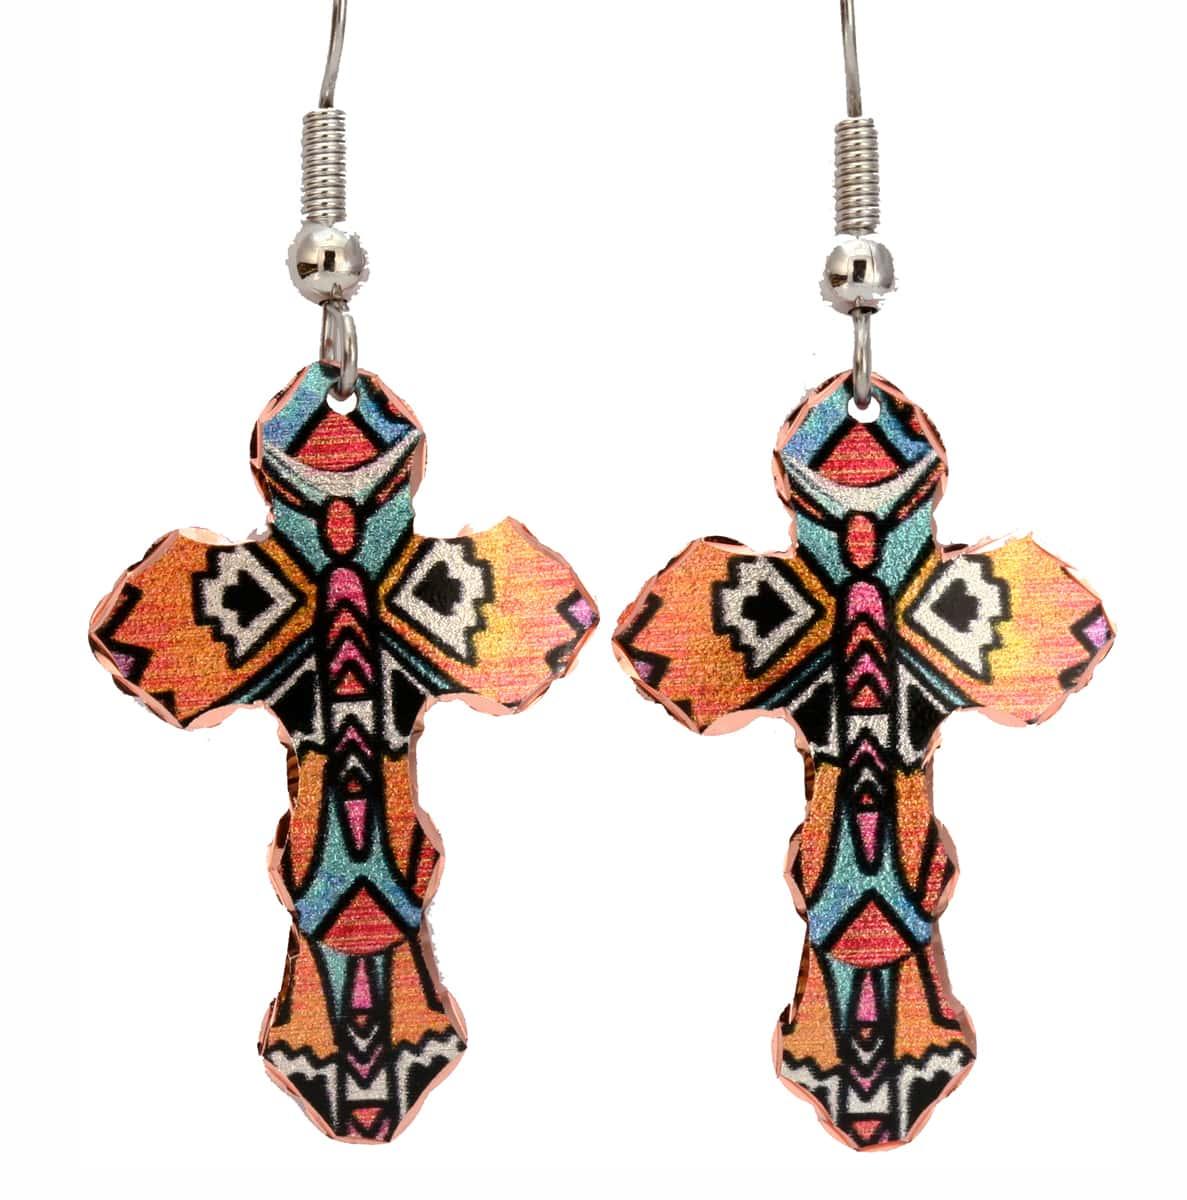 Unique Art Jewelry, Native Style Cross Earrings